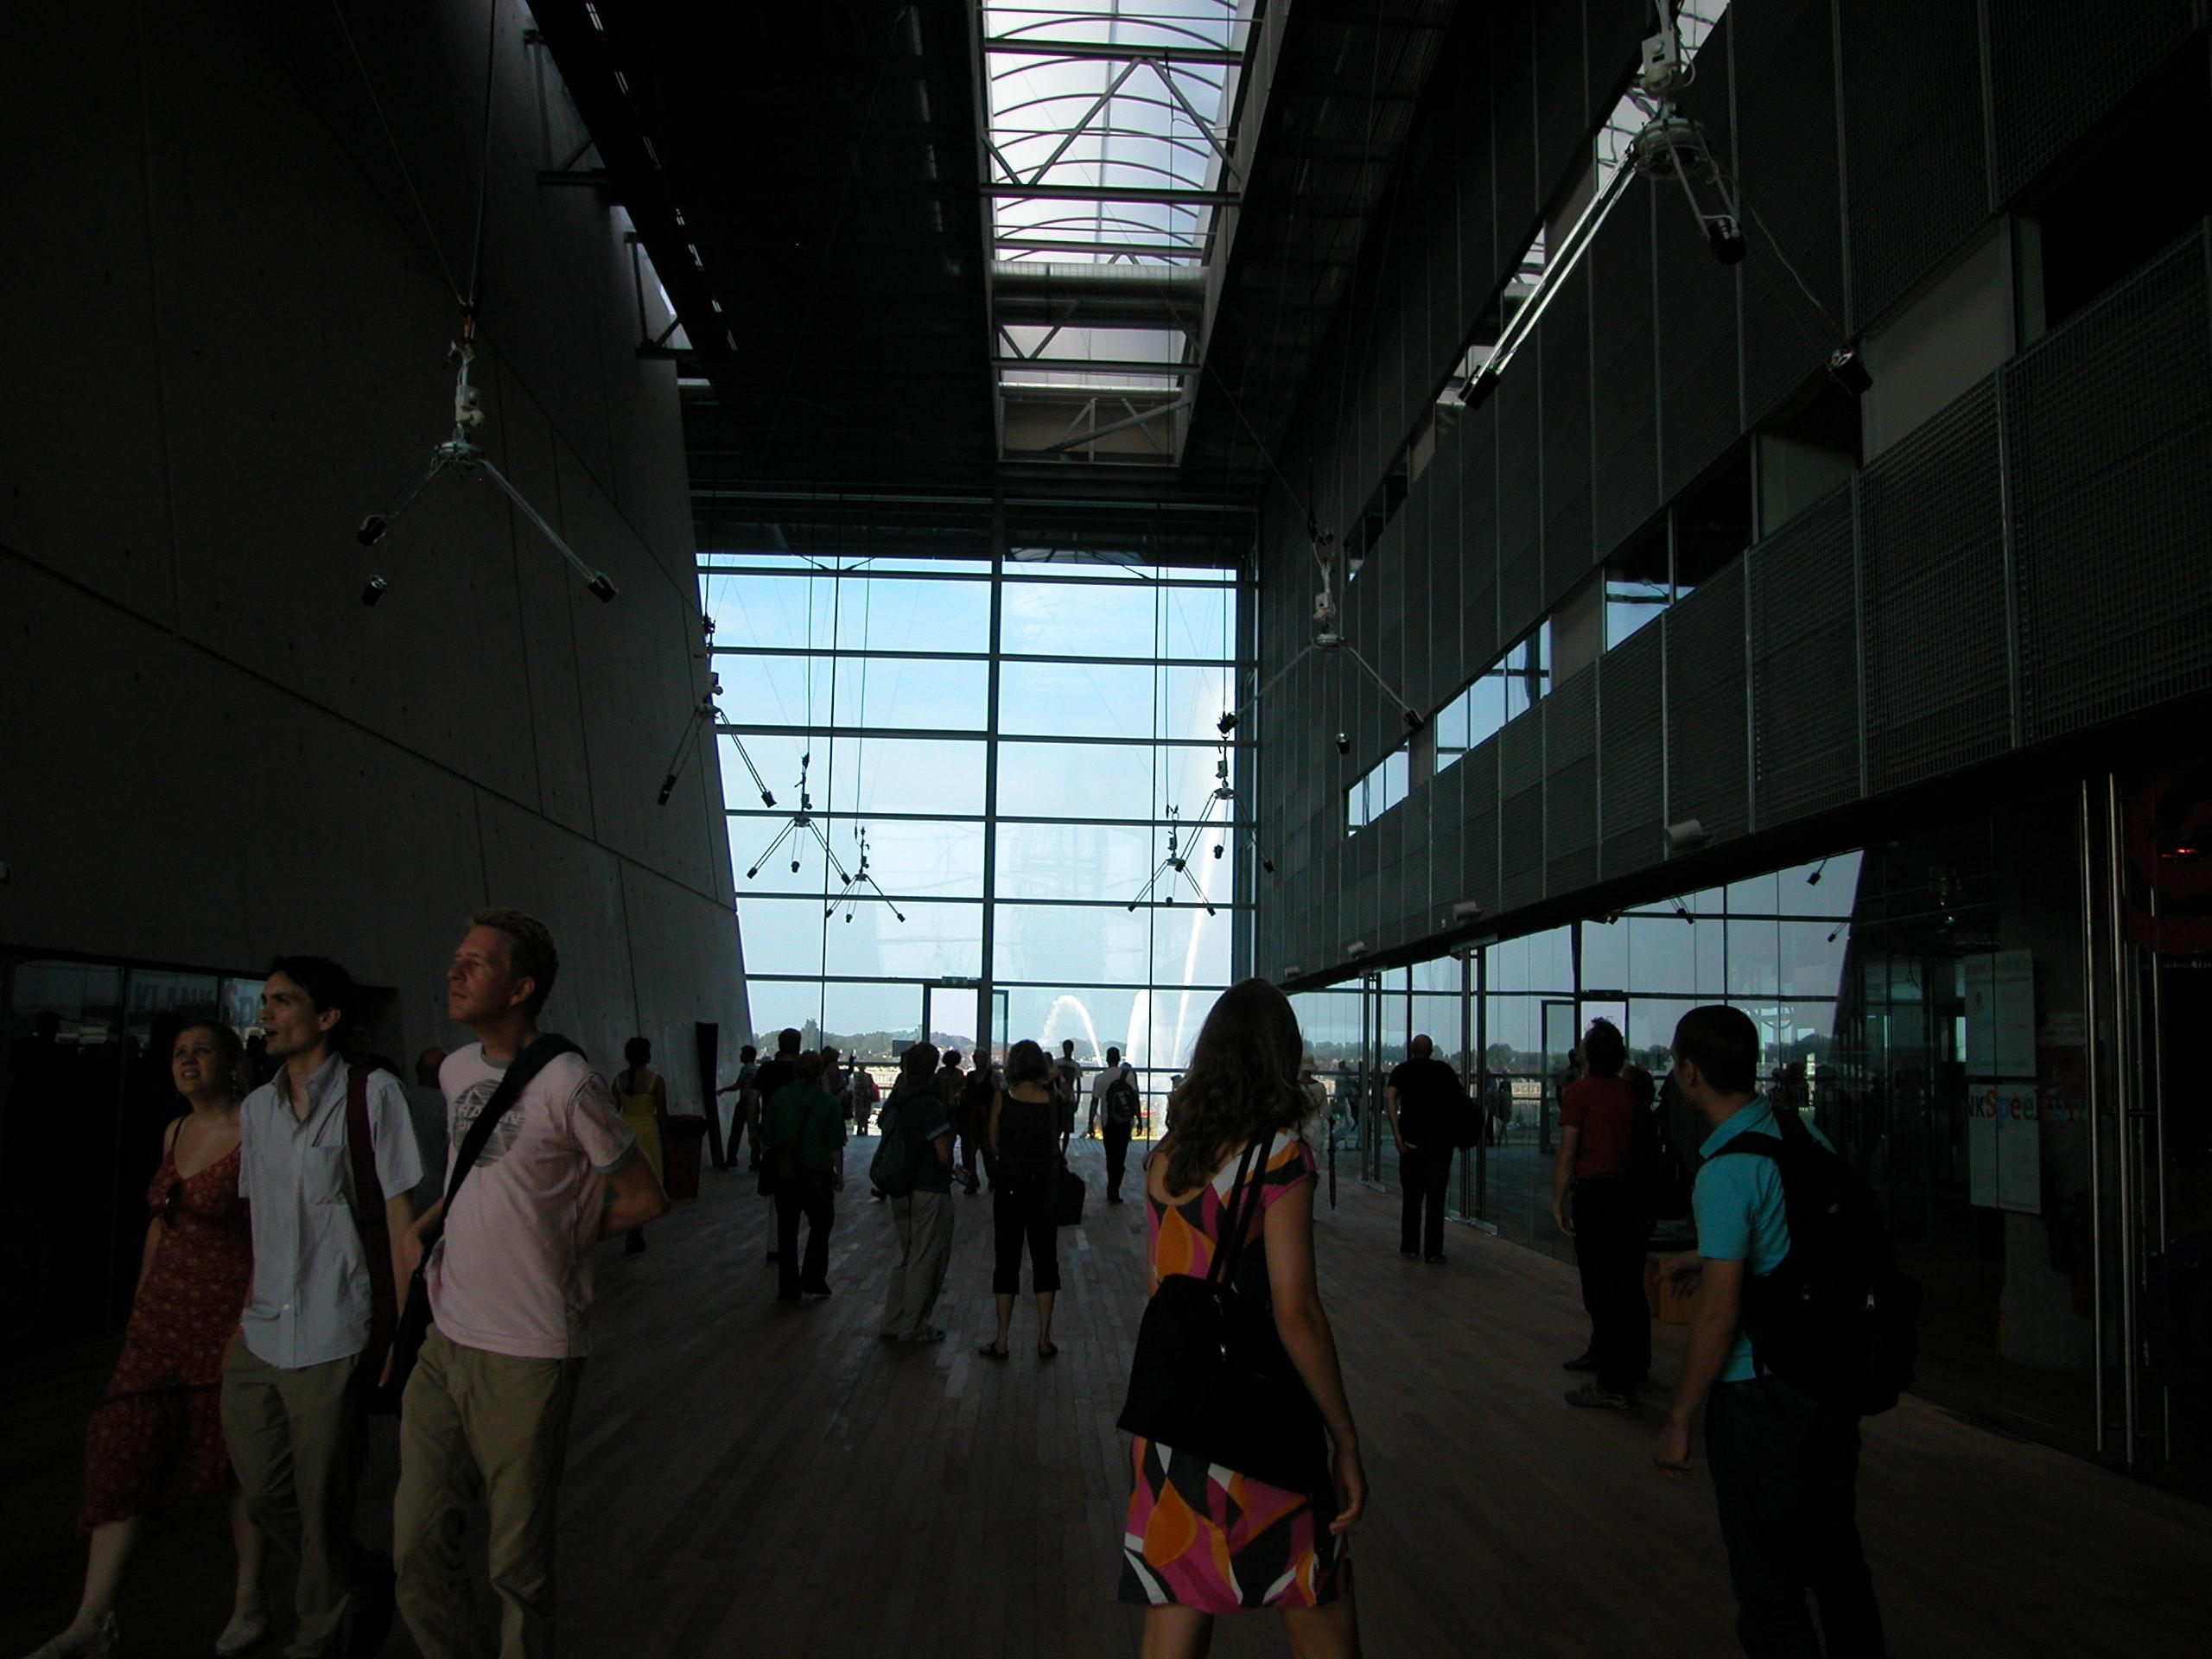 Swarm (V1) Atrium of Muziek Centrum Nederlands, Amsterdam 2008. photo: Ray Lee